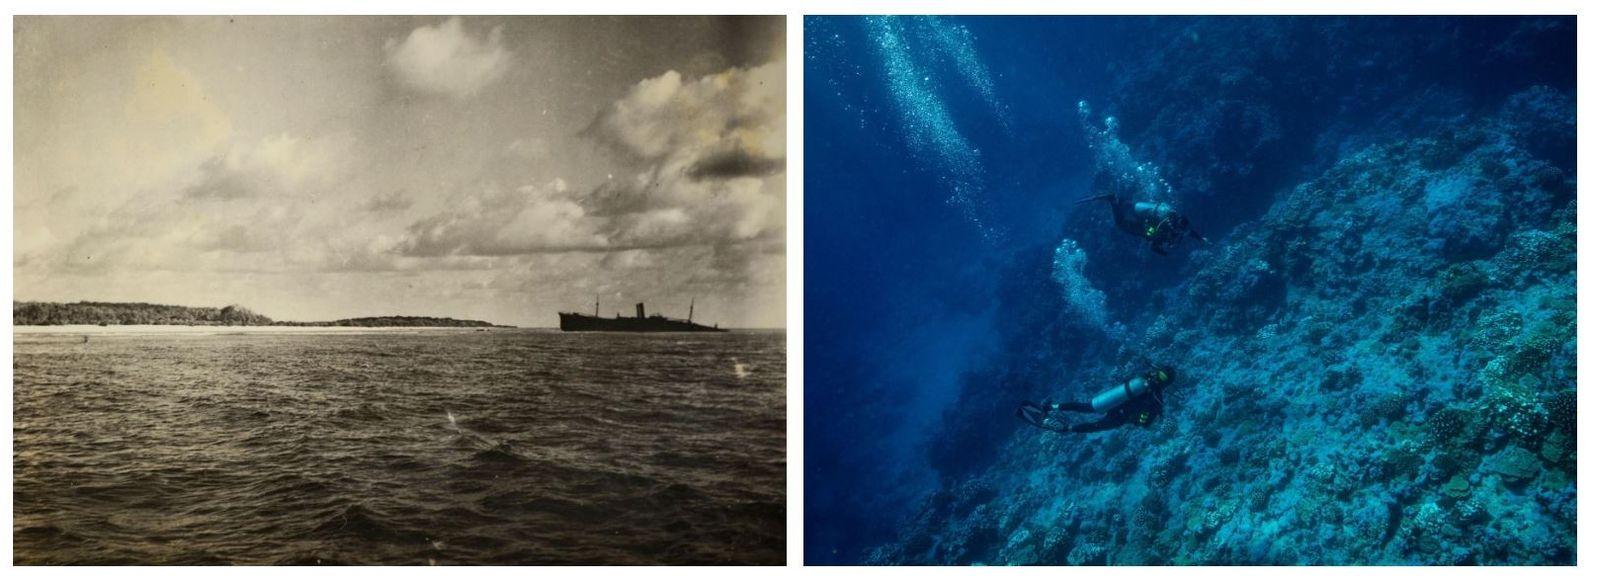 Esquerda: Analistas dos serviços secretos disseram que o objeto indistinto, à esquerda desta fotografia da Ilha ...